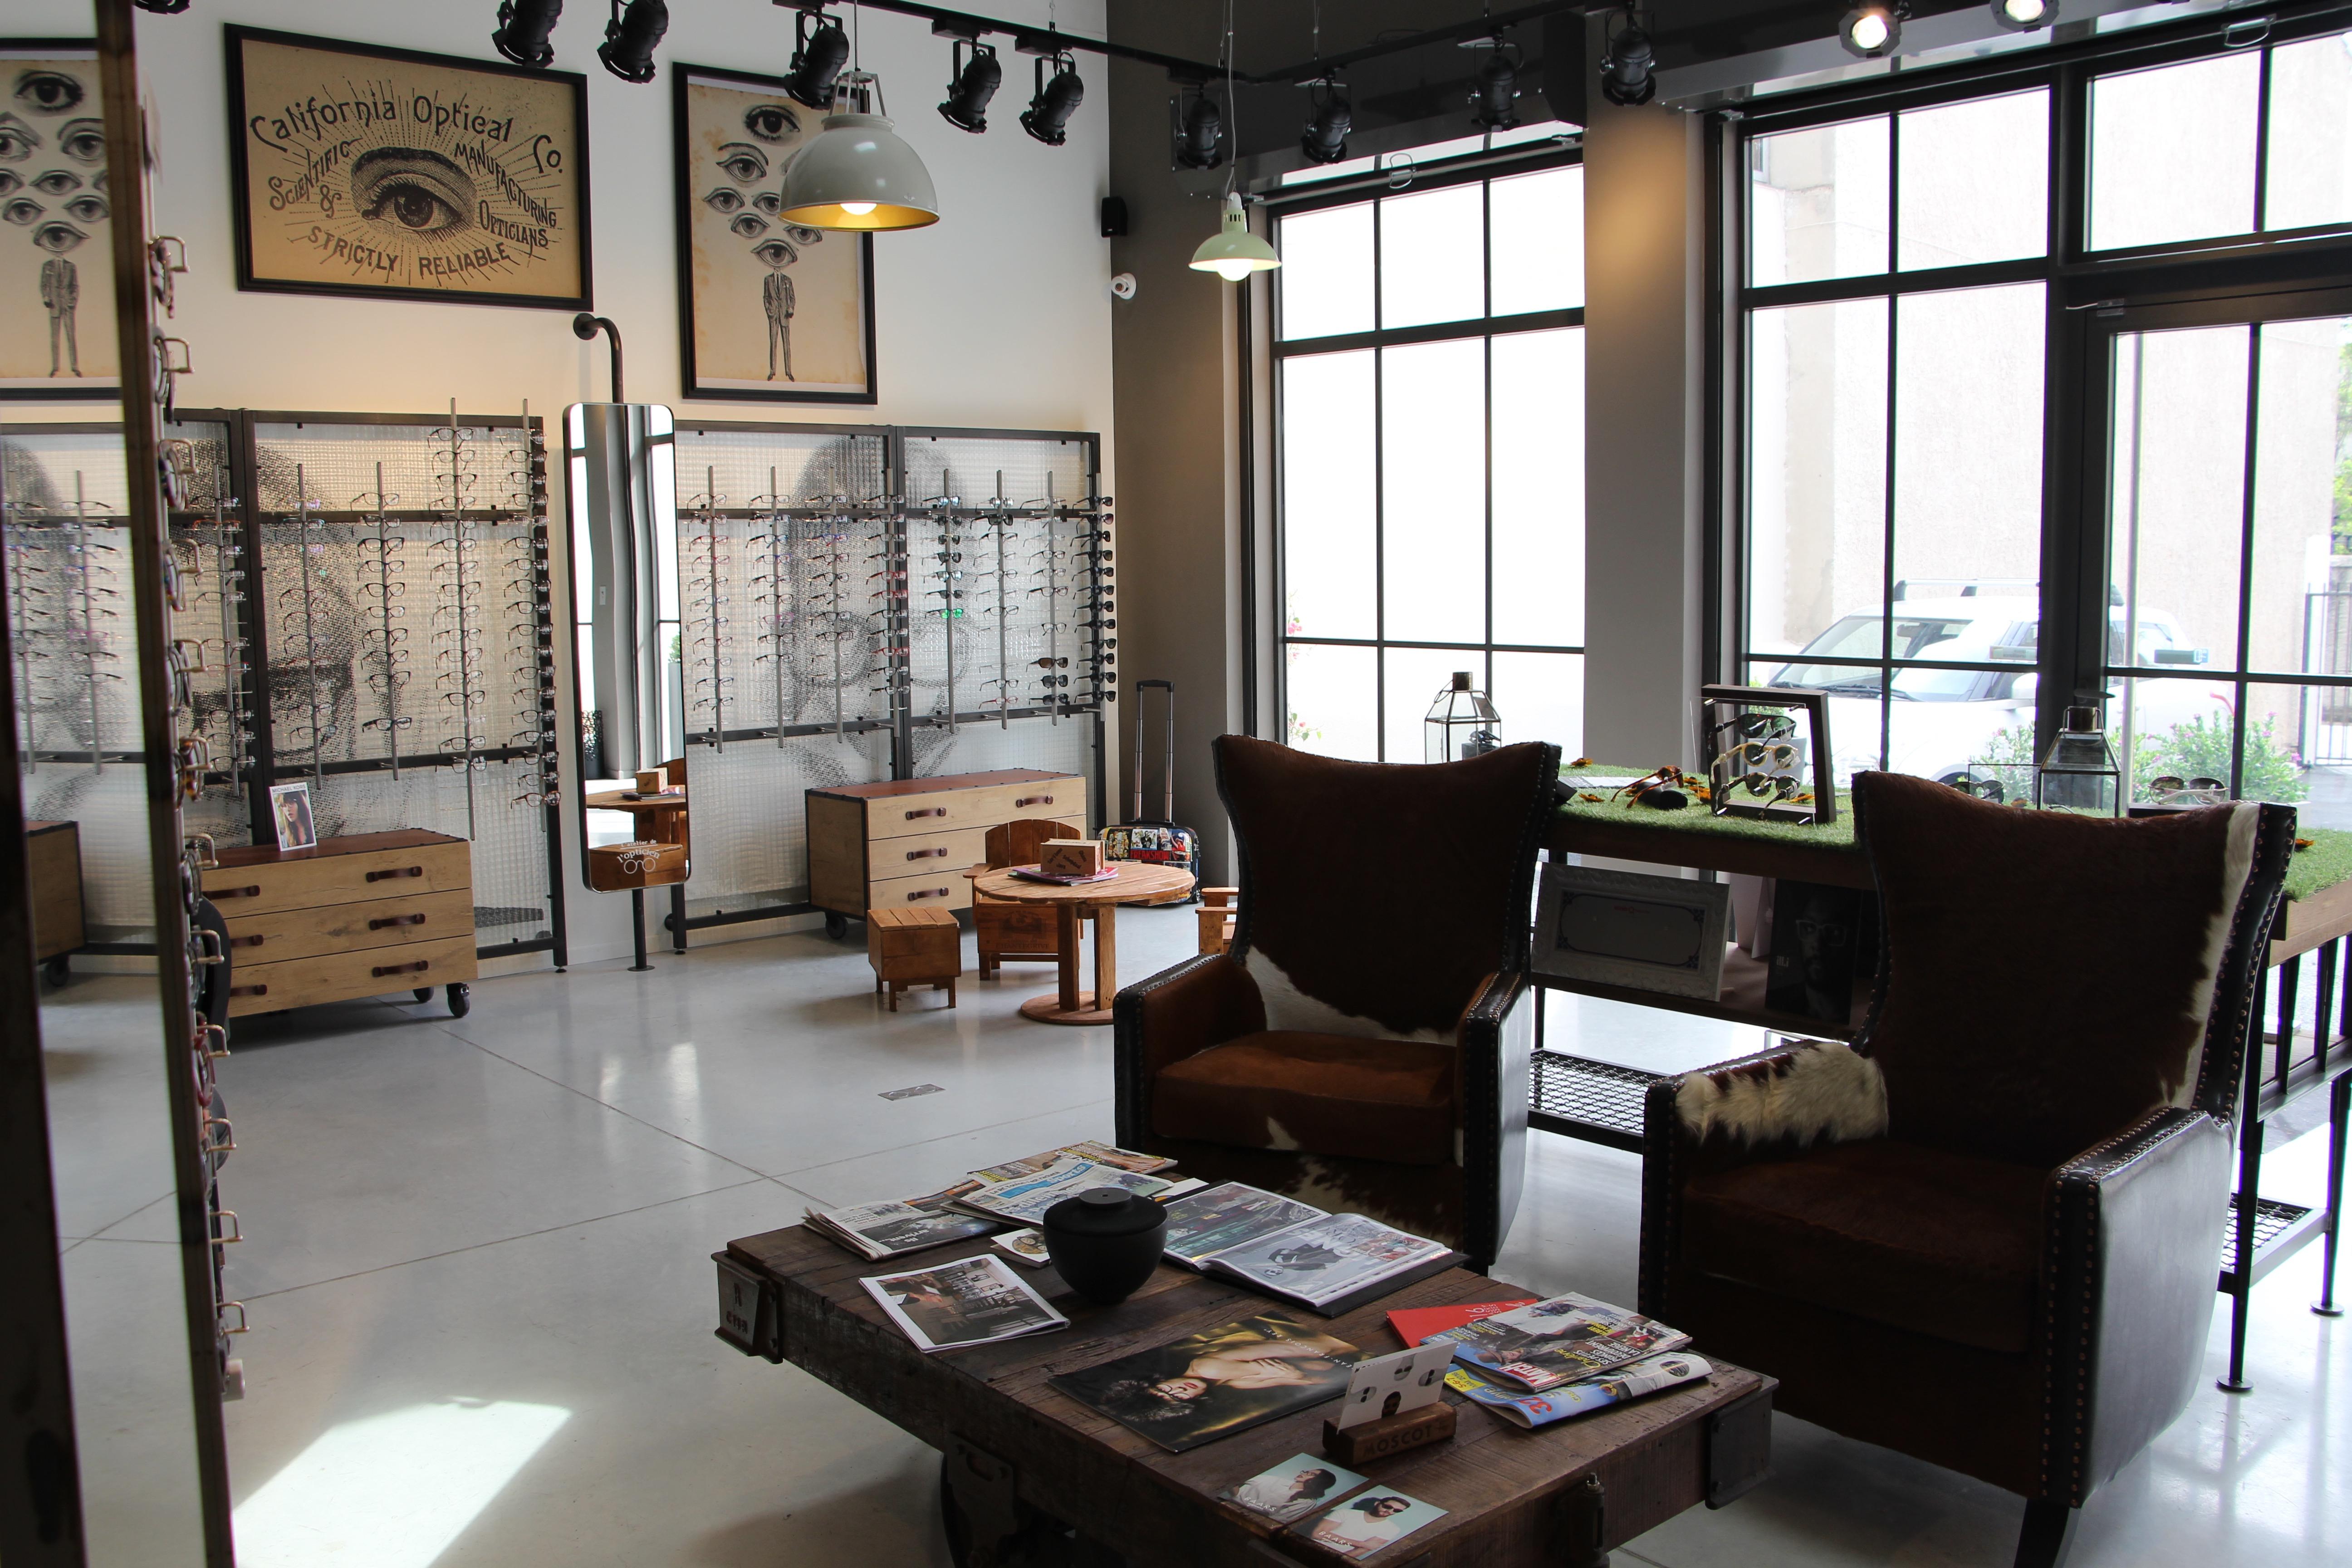 l 39 atelier de l 39 opticien nouvelle boutique coup de coeur. Black Bedroom Furniture Sets. Home Design Ideas